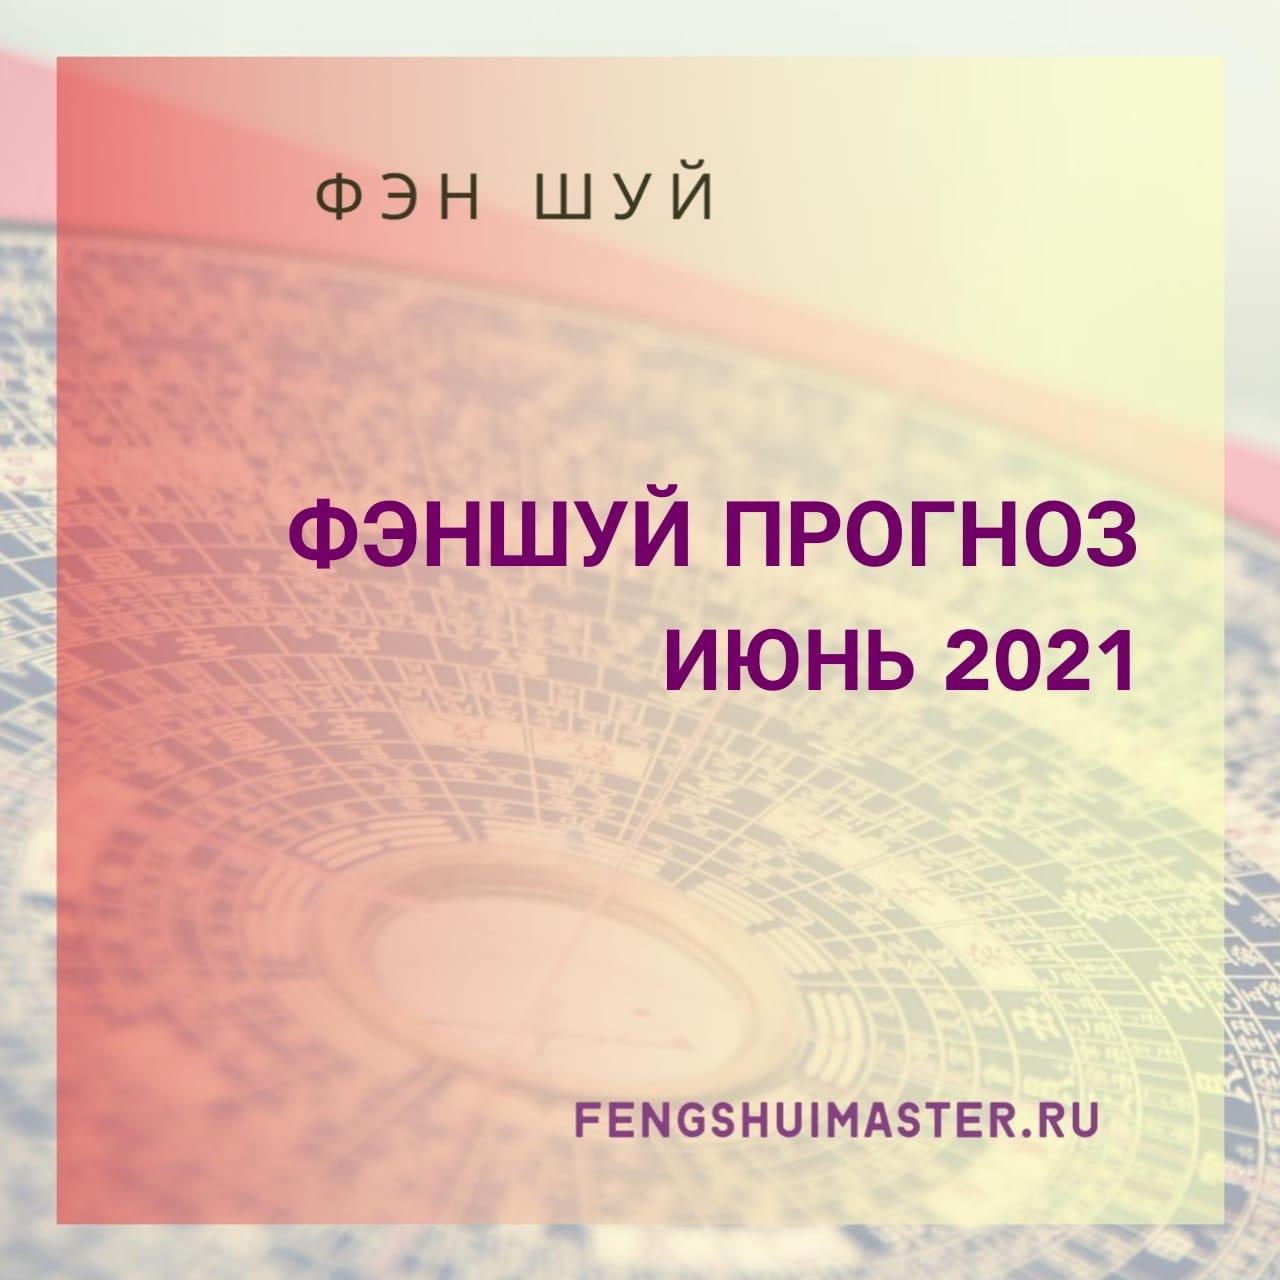 Фэншуй-прогноз - июнь 2021 - Fengshuimaster.Ru